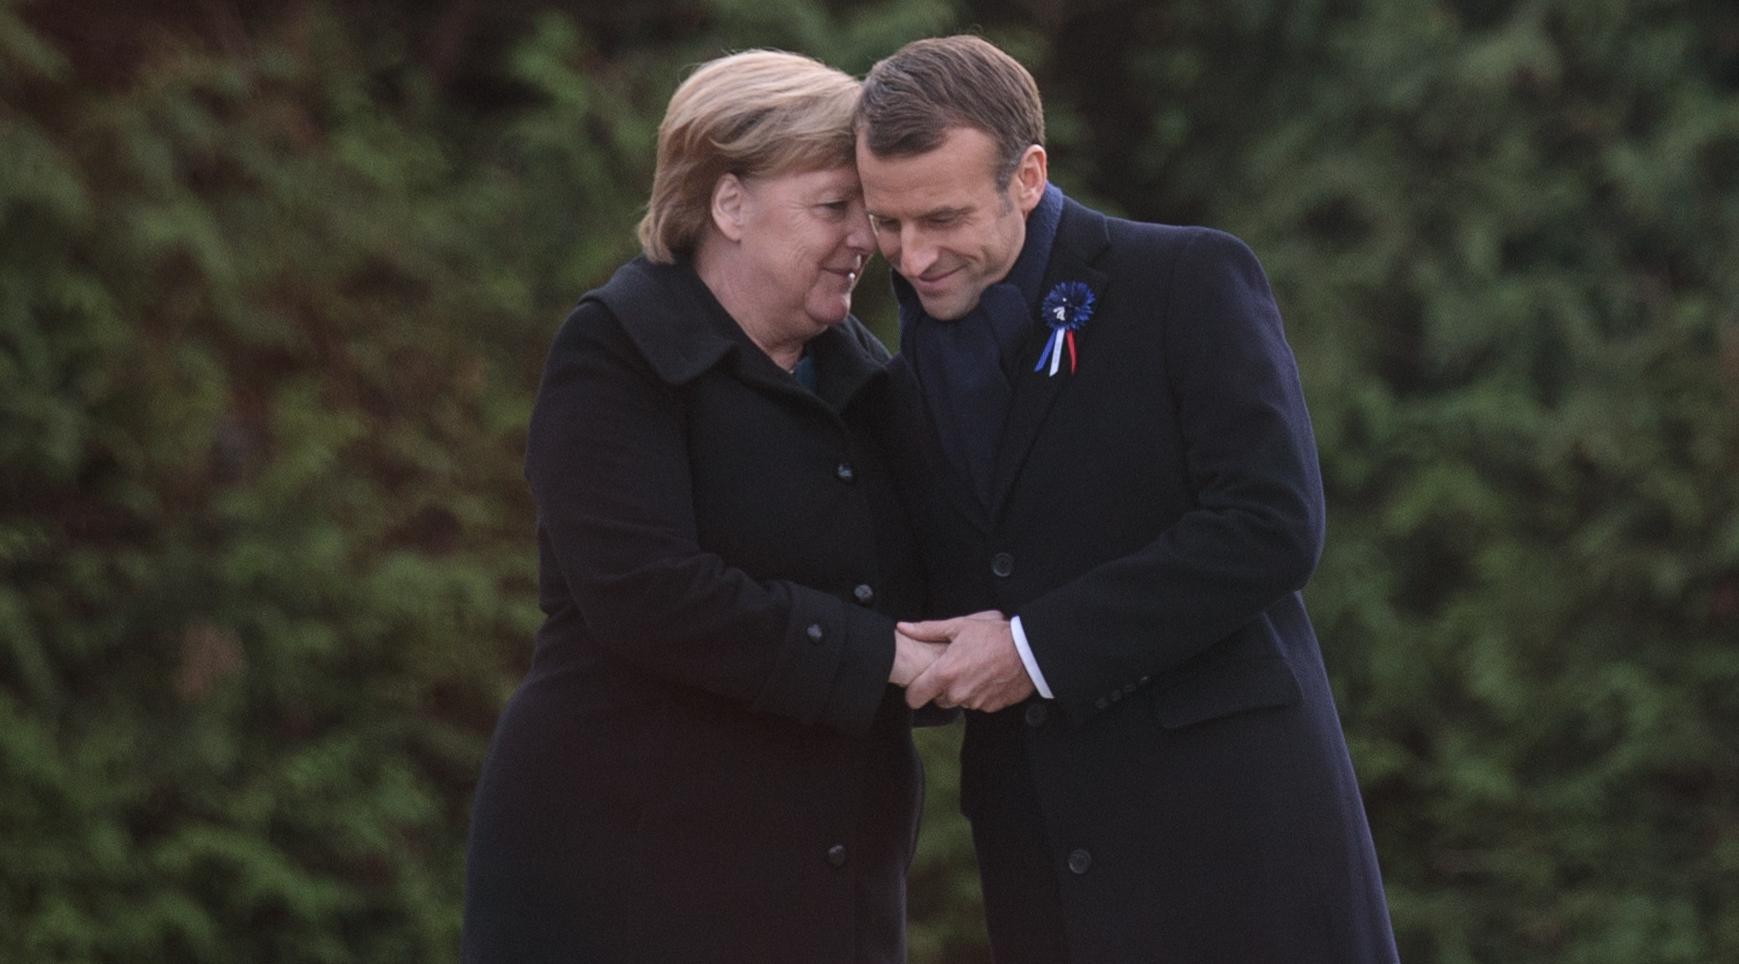 Merkel i Macron nie uratują UE. Mogłaby to zrobić lewica